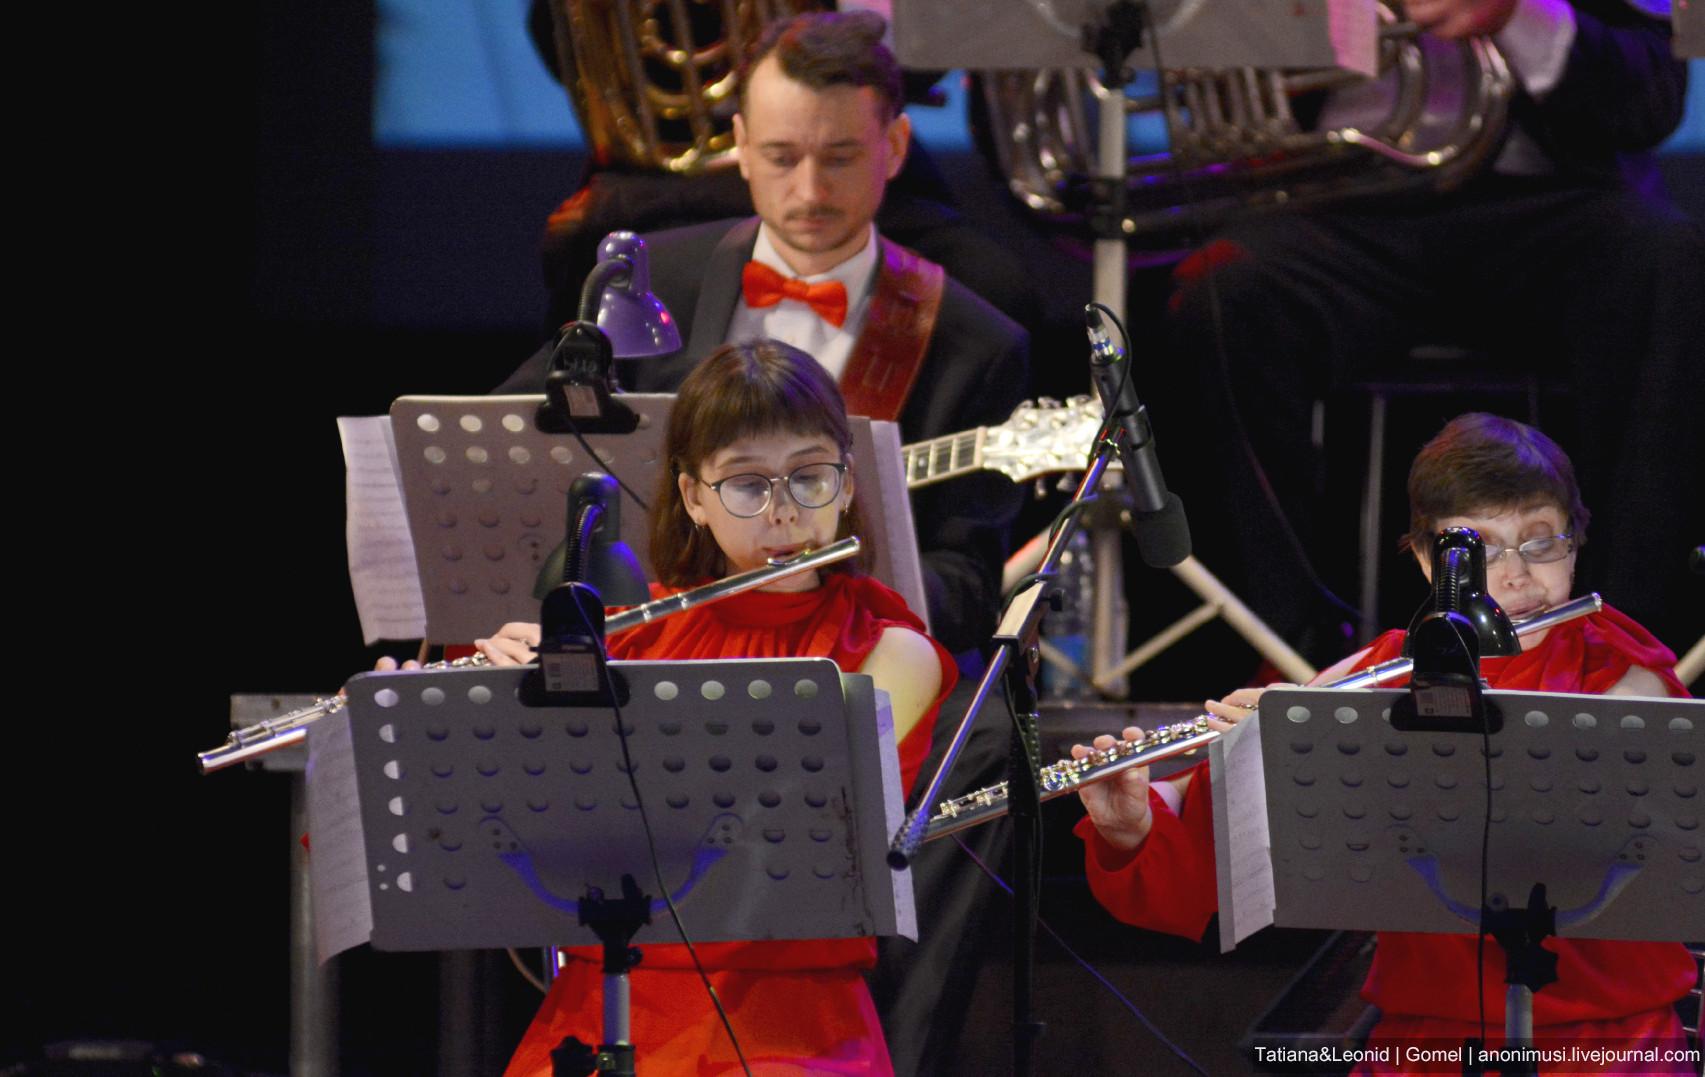 Концертный духовой оркестр и «Ритмы планеты». Гомель. Беларусь